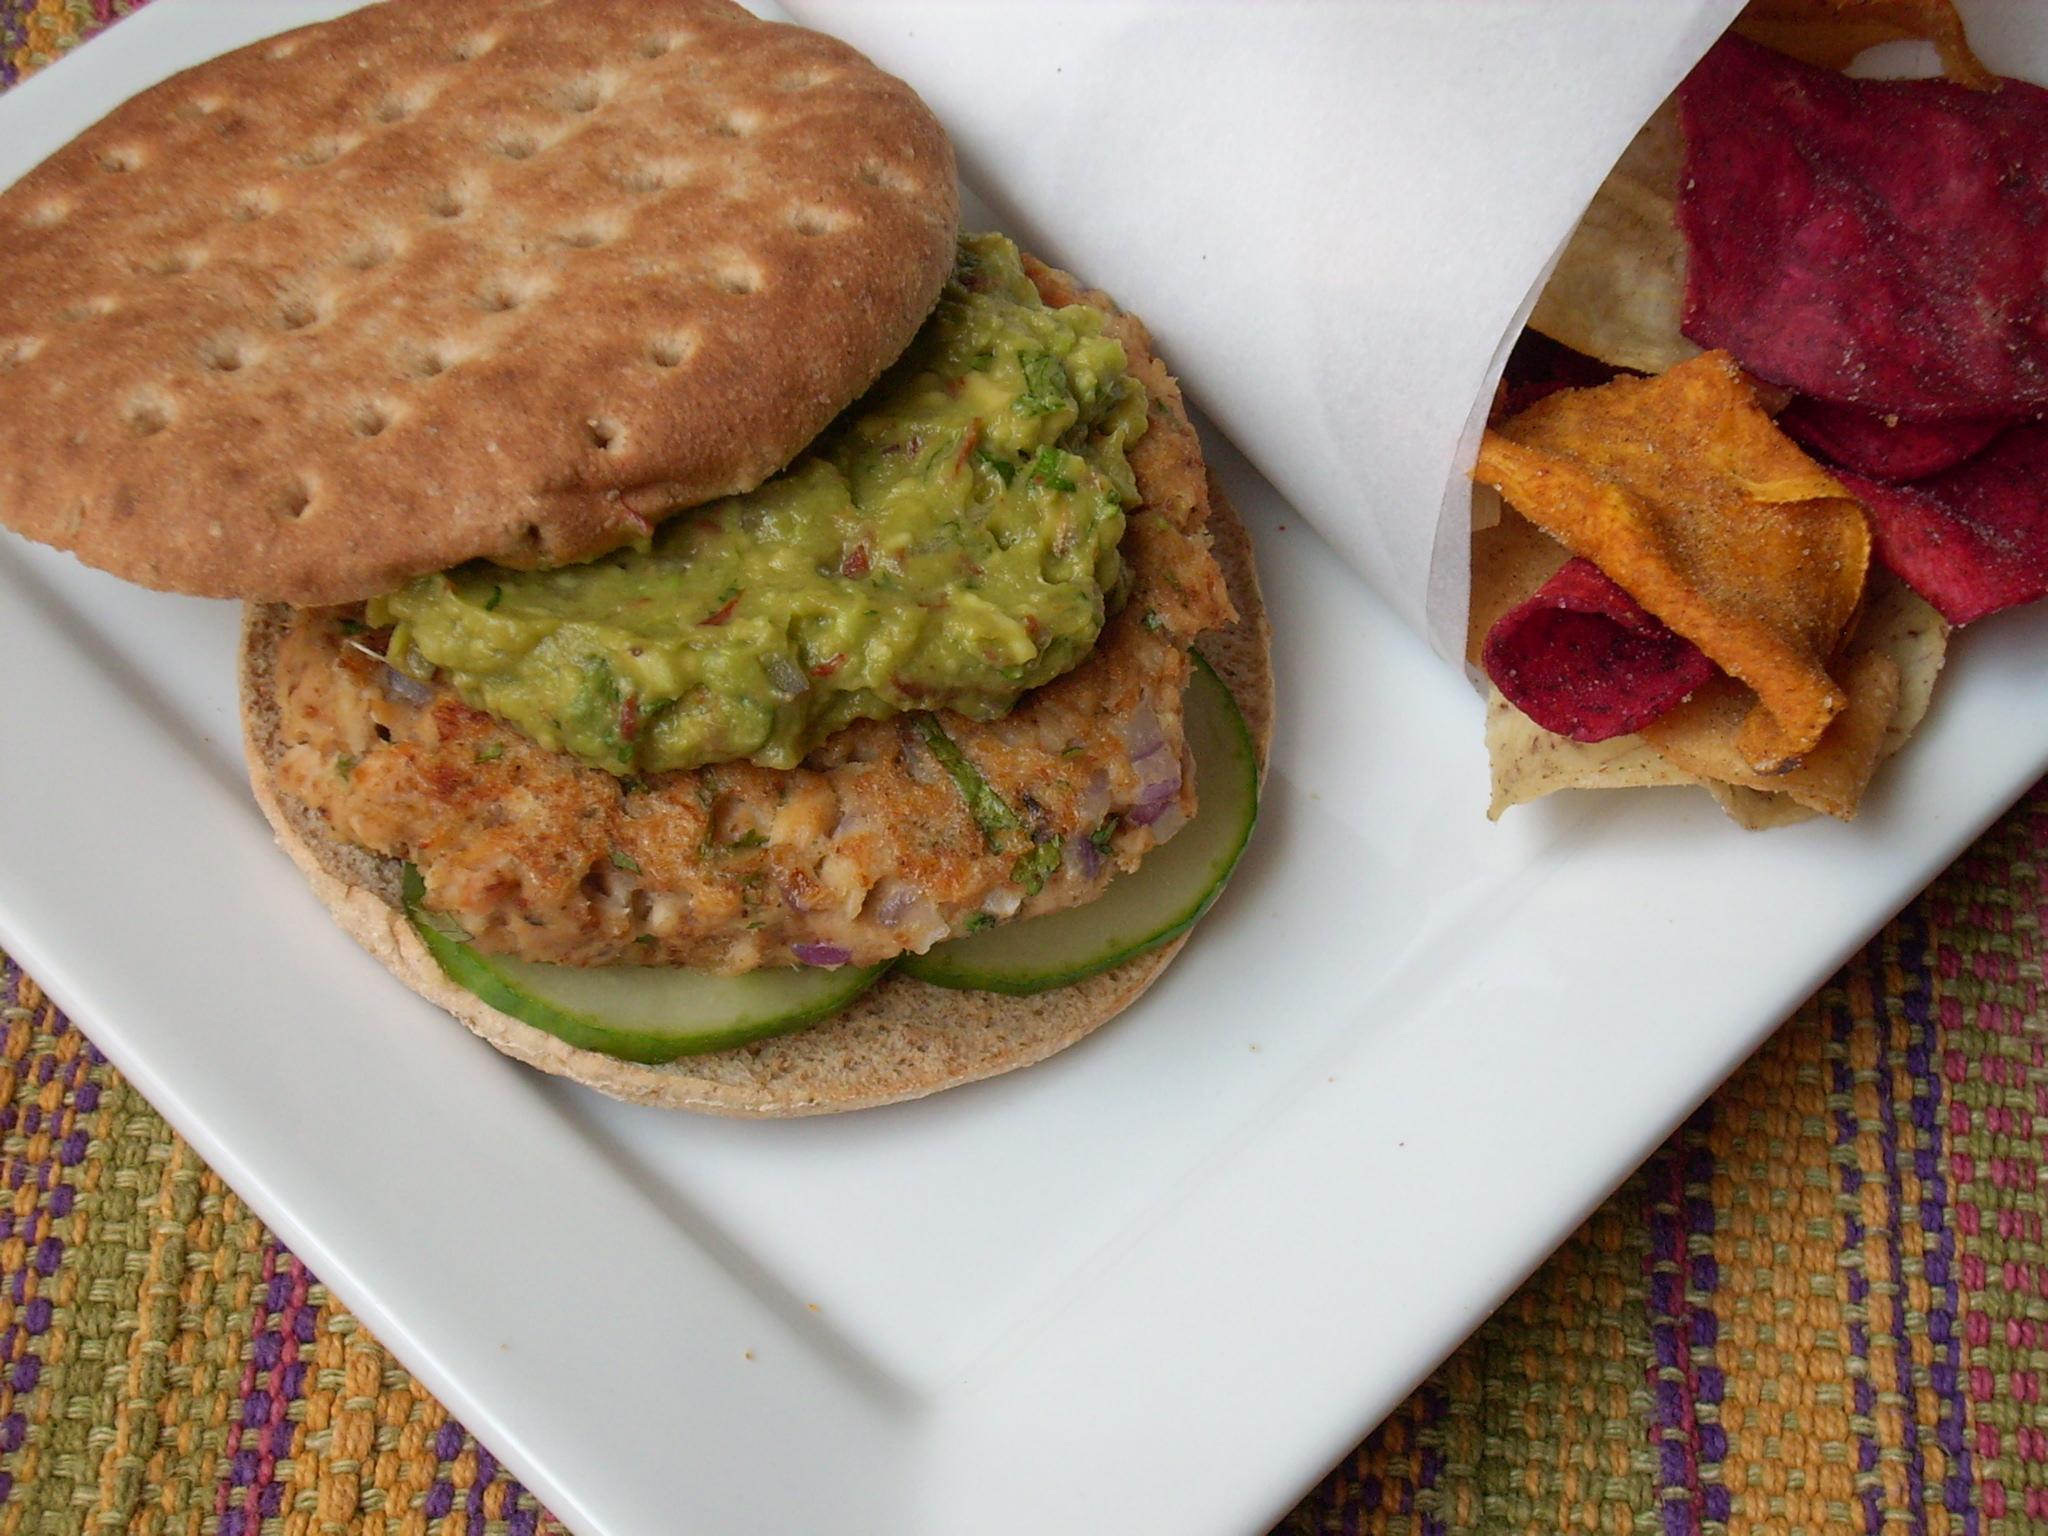 Salmon Burgers With Spicy Guacamole - The Texas PeachThe Texas Peach